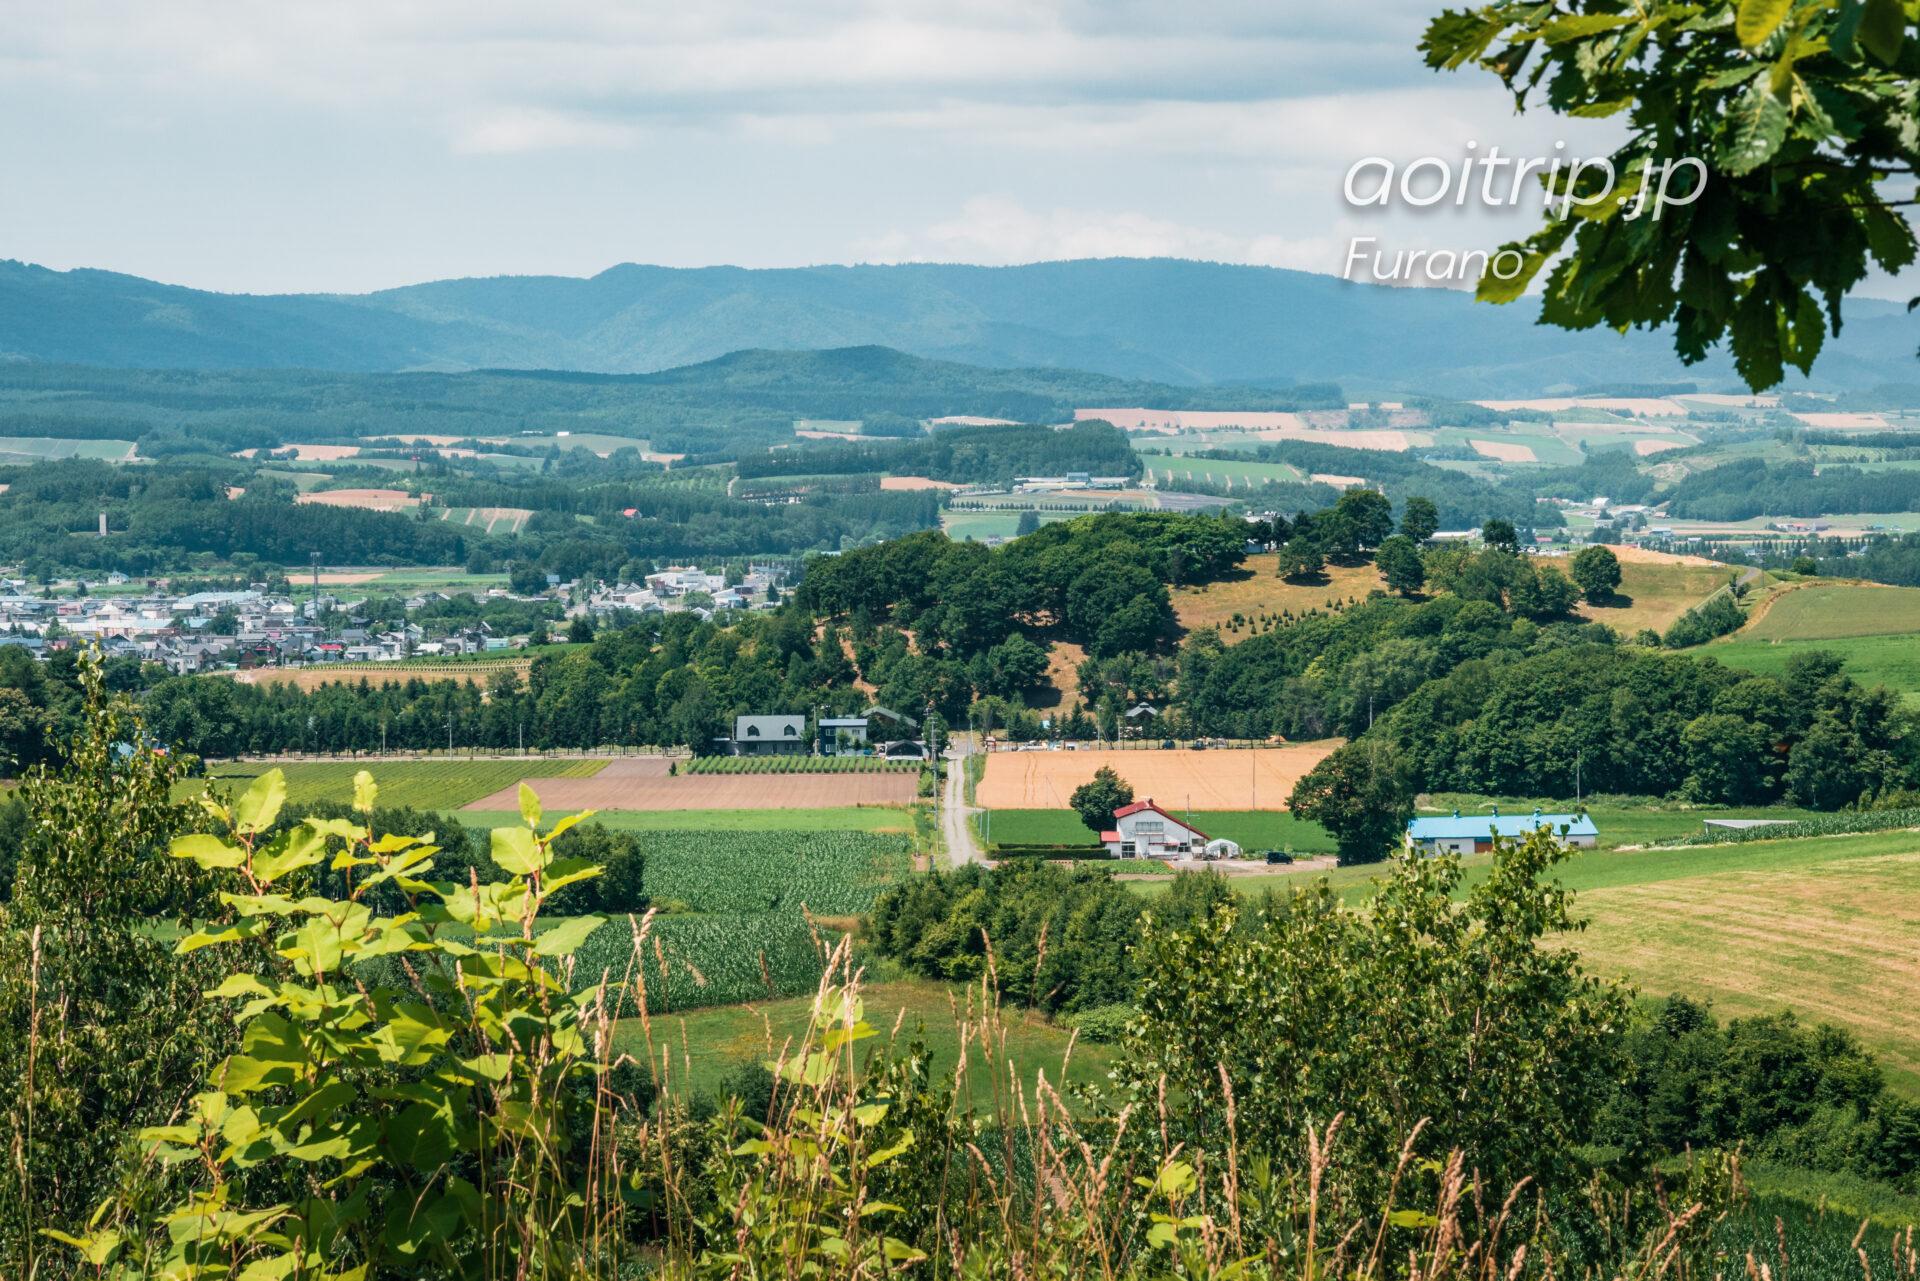 和田草原とどんぐりの郷 Wada Grassland & Acorn Village, Kamifurano